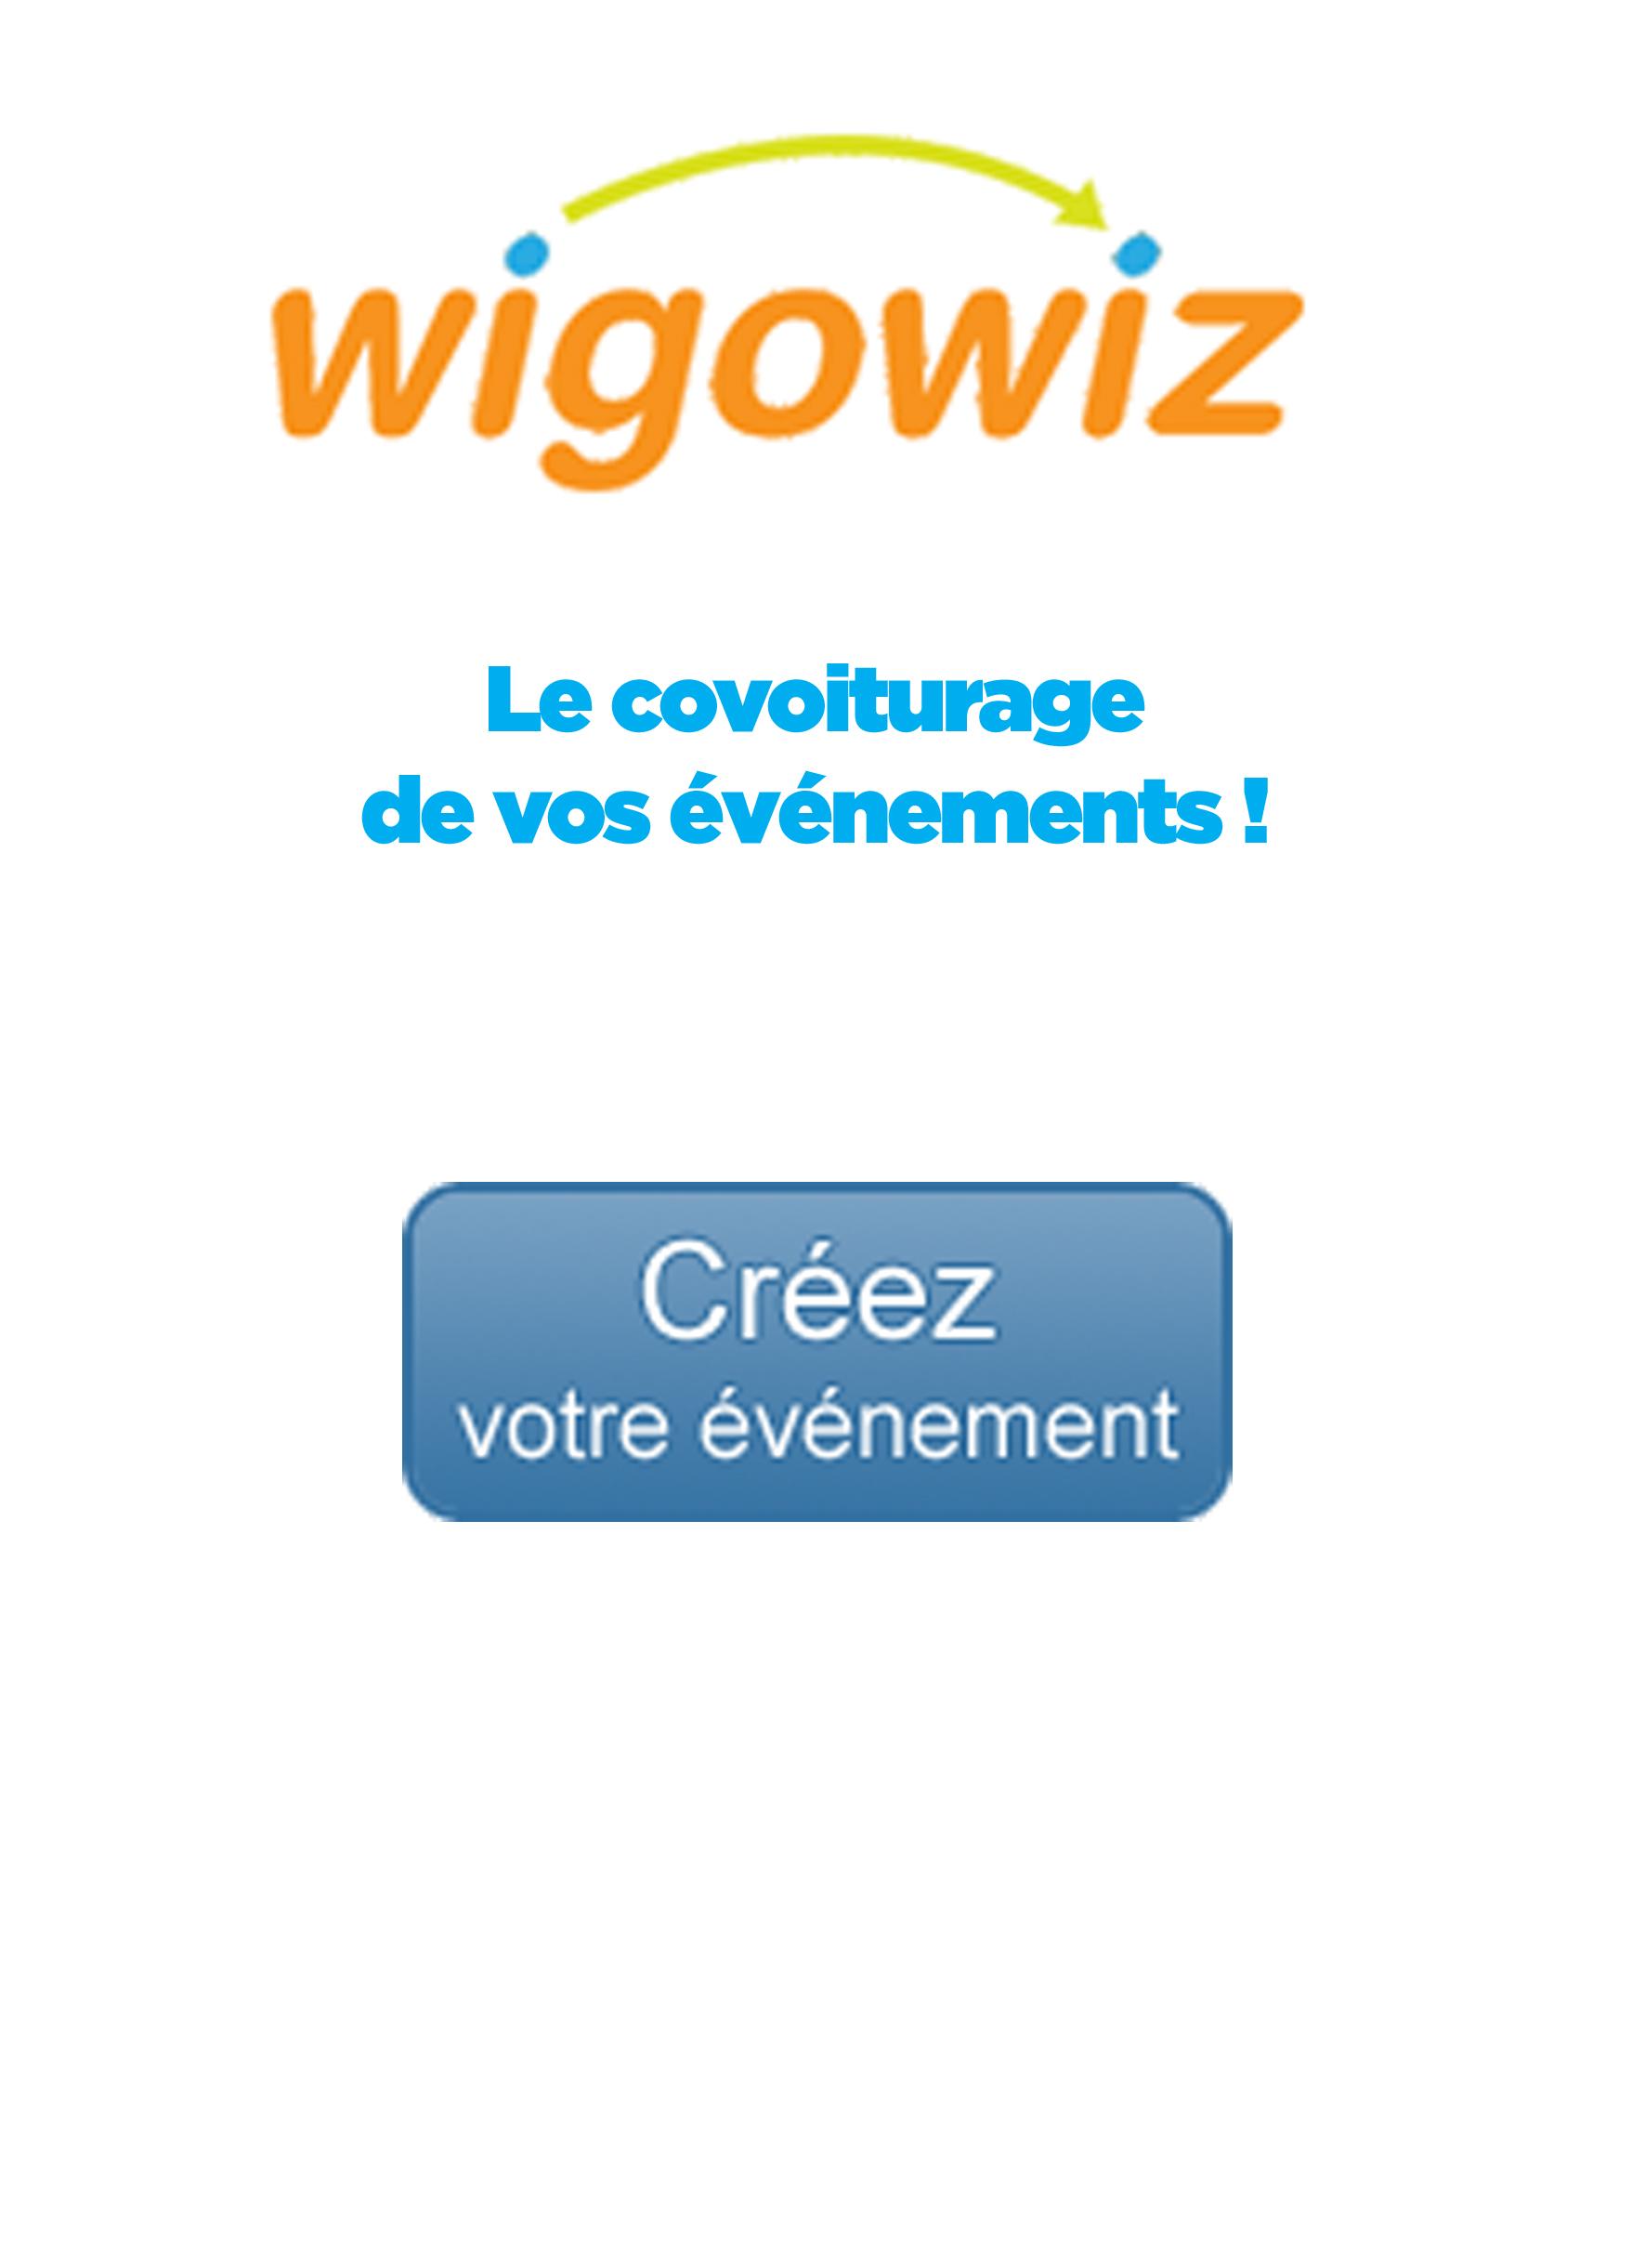 Wigowiz, le covoiturage de vos événements